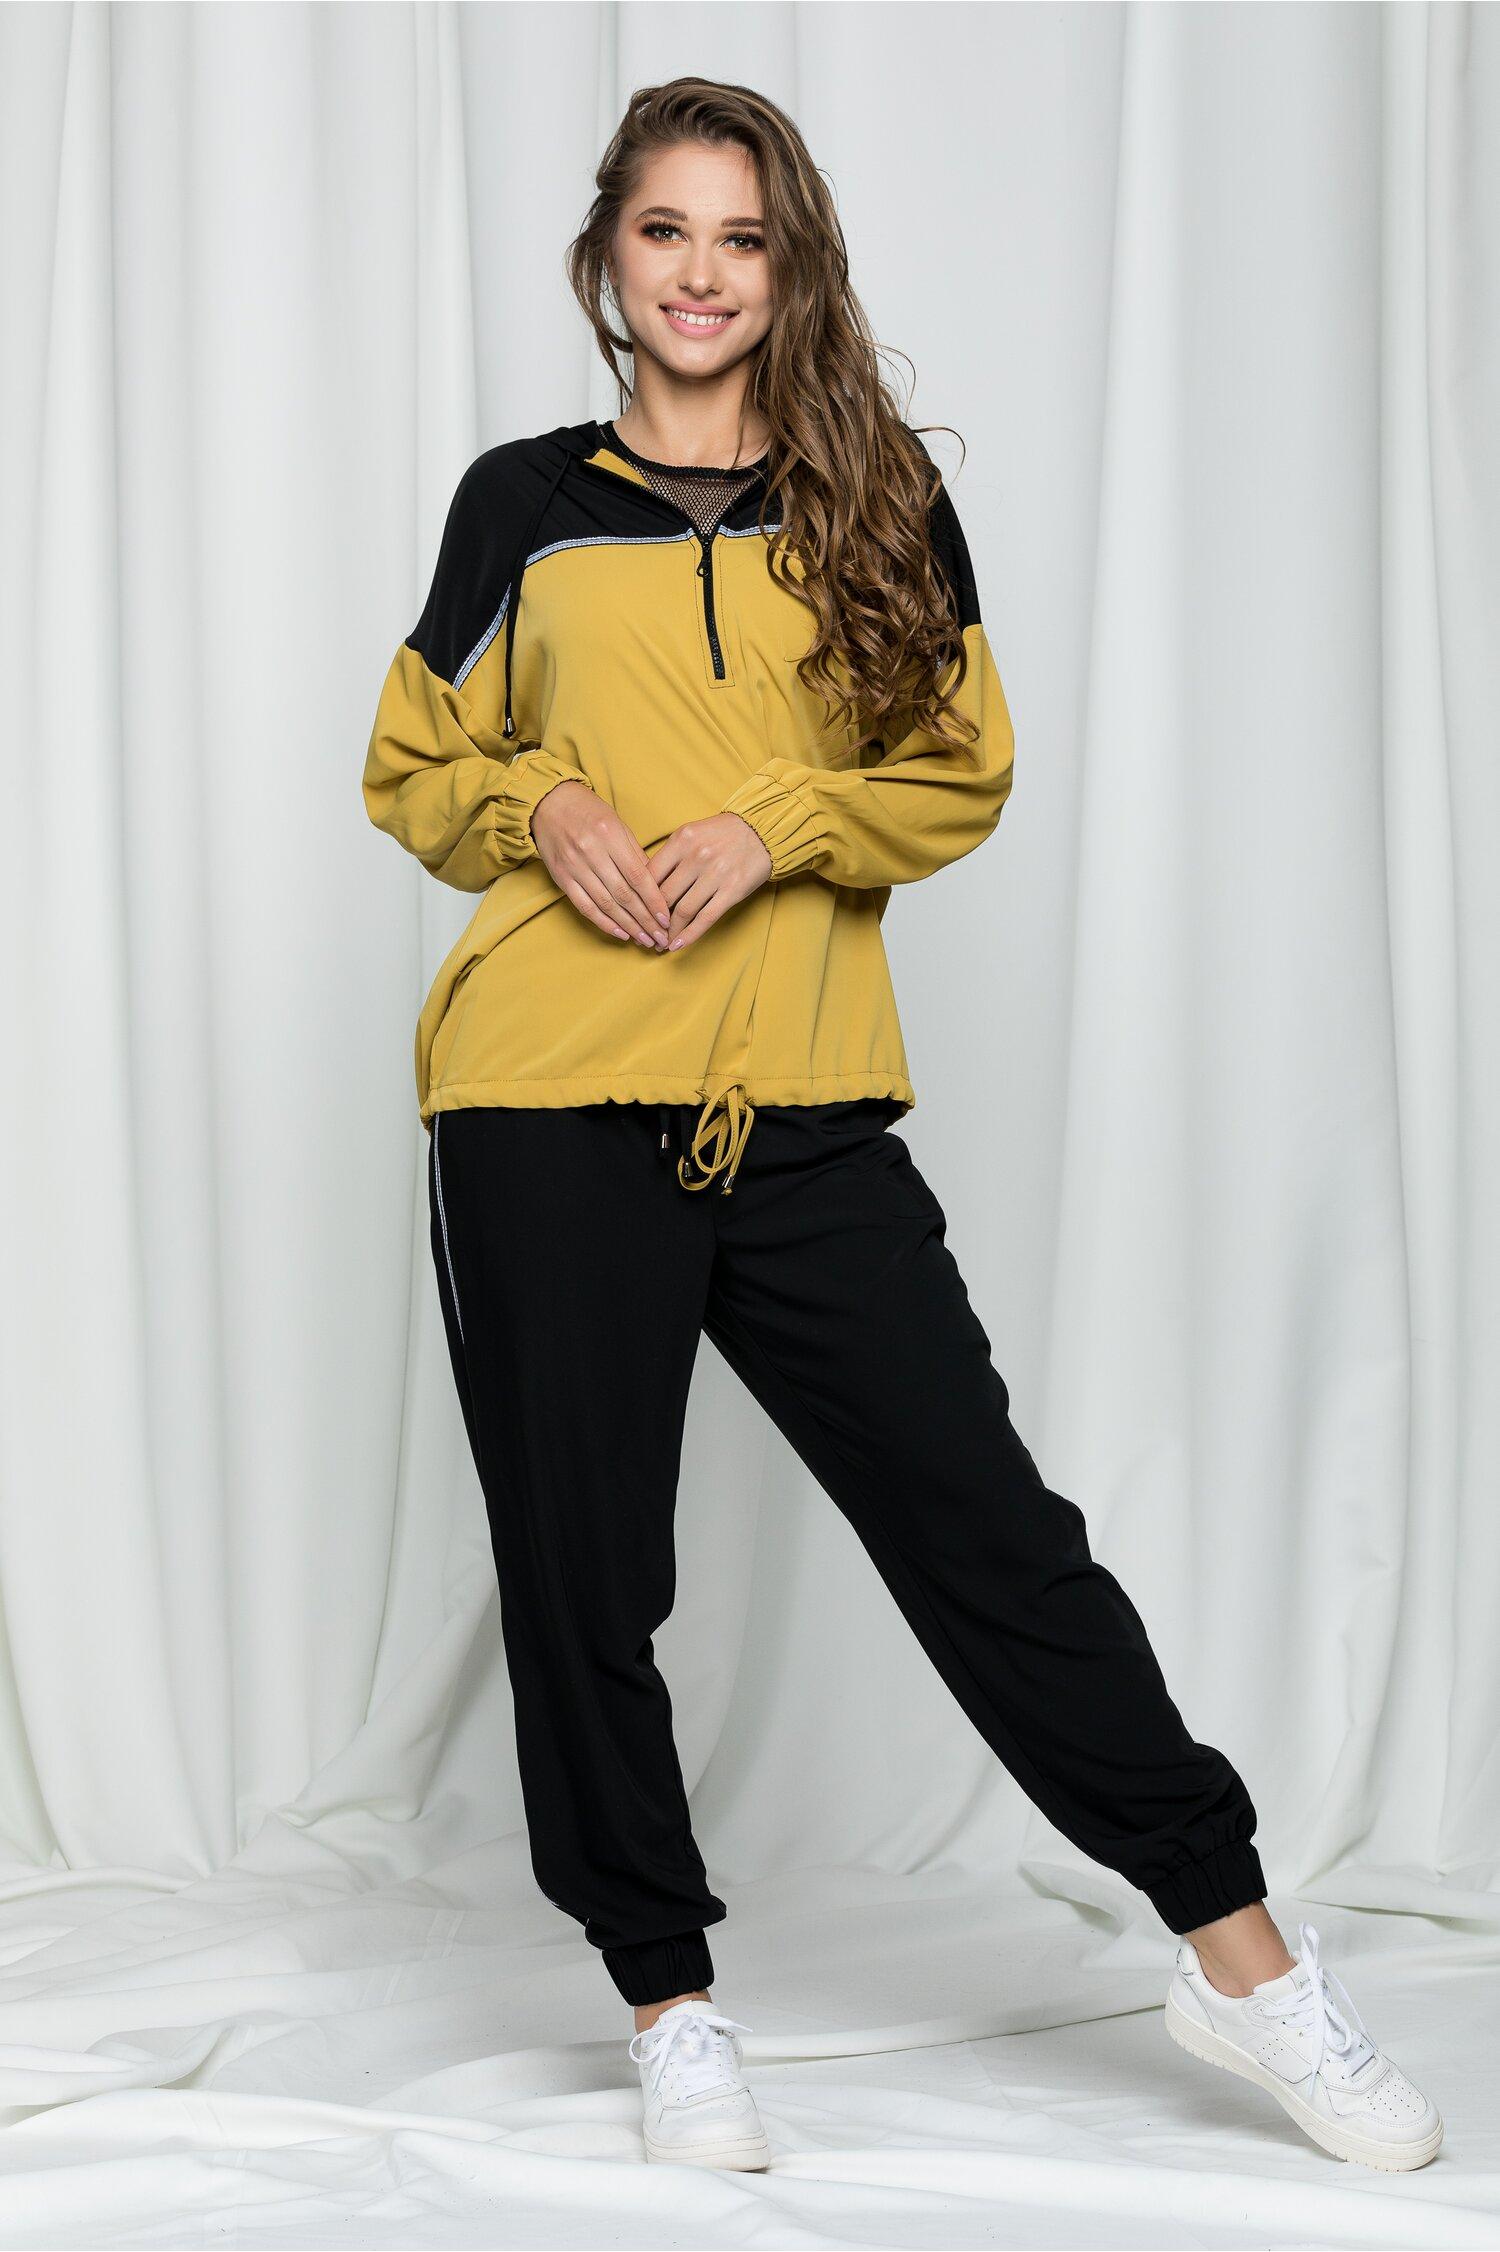 Compleu sport Missy galben mustar din trei piese